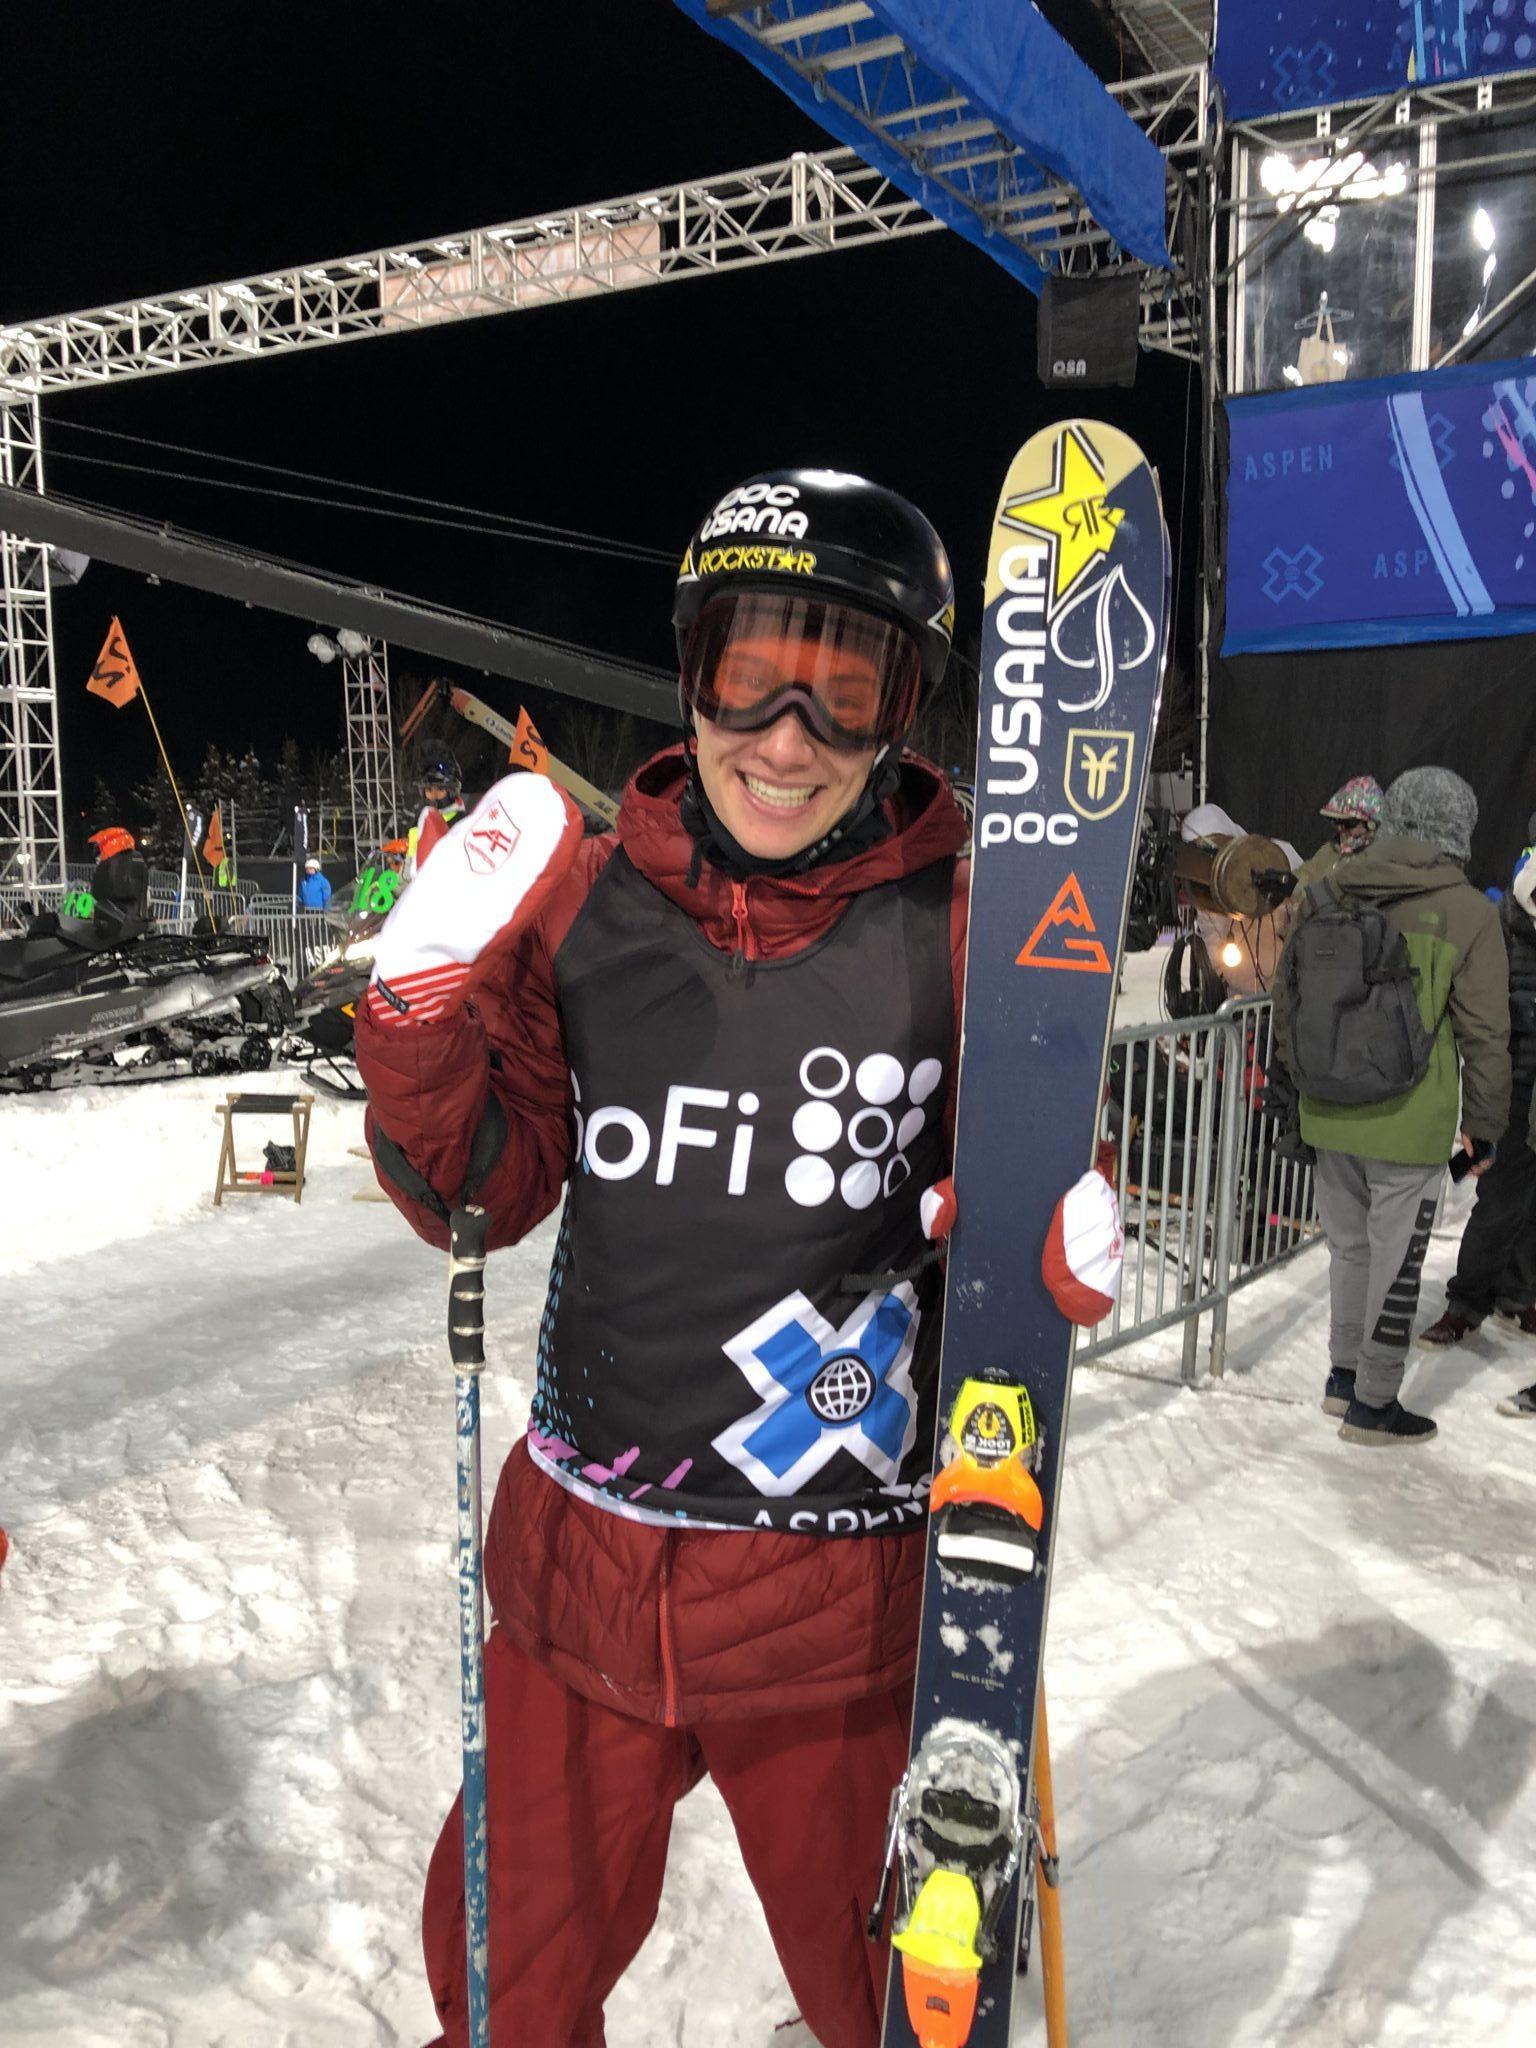 Alex Ferreira Wins Gold at X Games Aspen